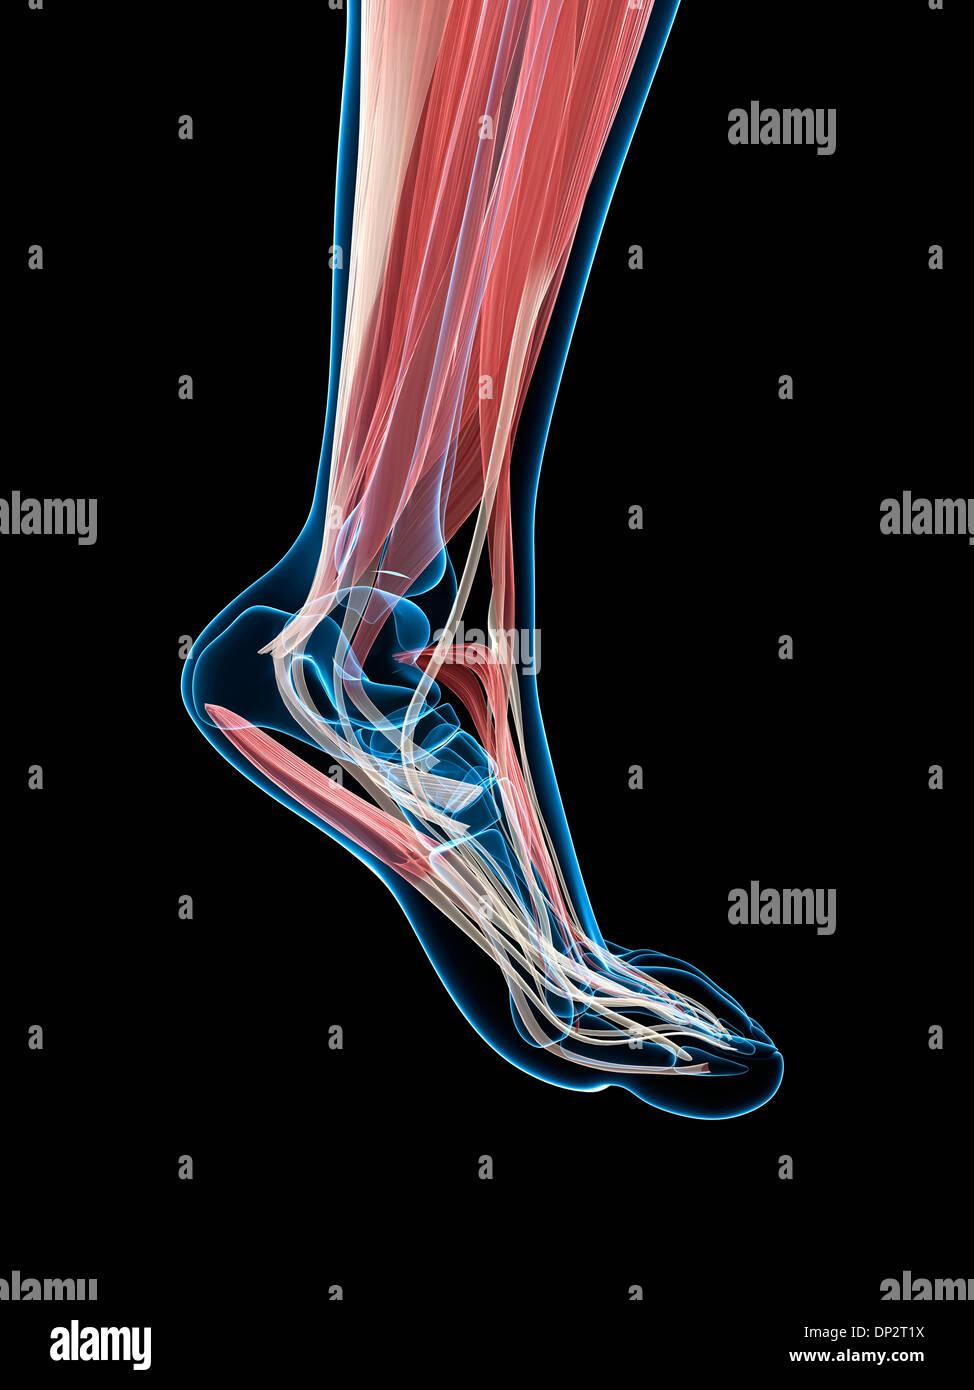 Tolle Fußanatomie Muskel Ideen - Anatomie Von Menschlichen ...